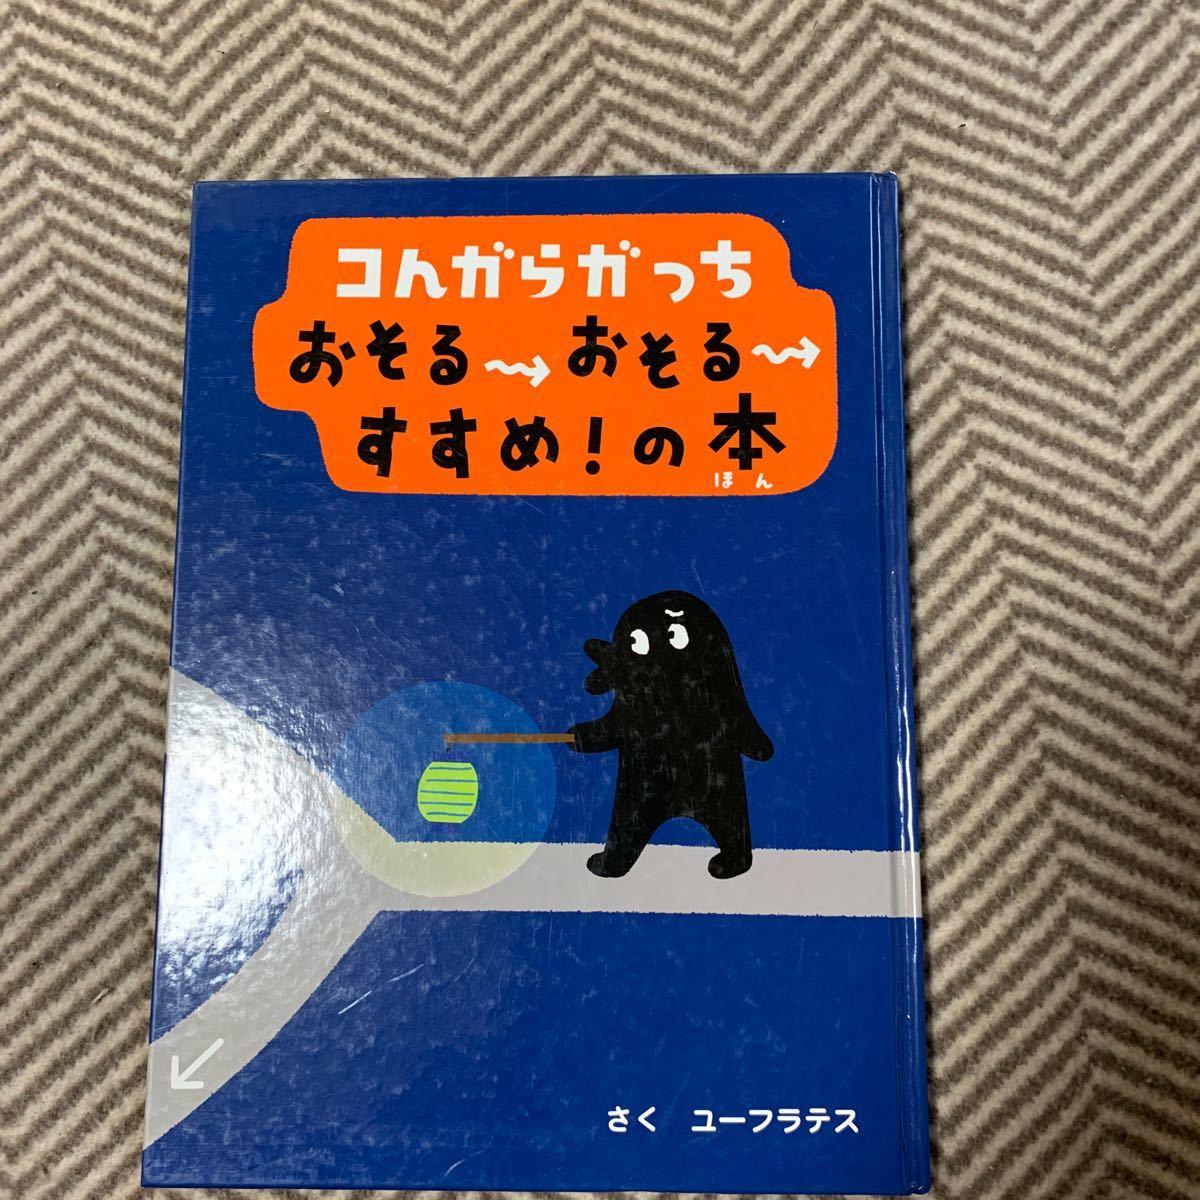 こん こんがらがっち おそるおそるすすめ!の本